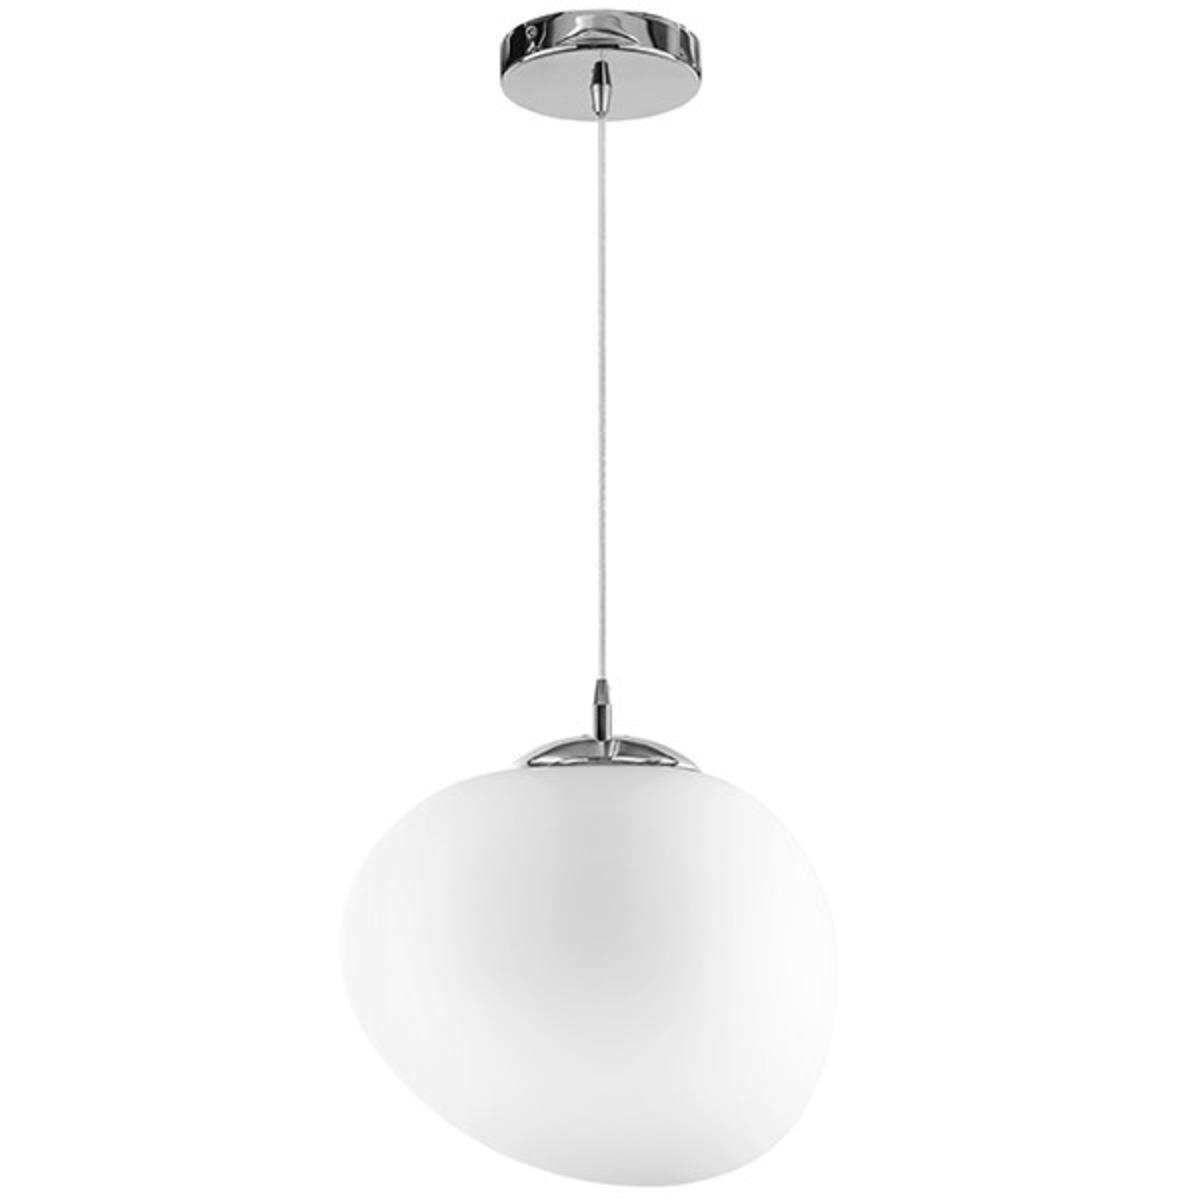 Купить Подвесной светильник Arnia 805016, HomeMe